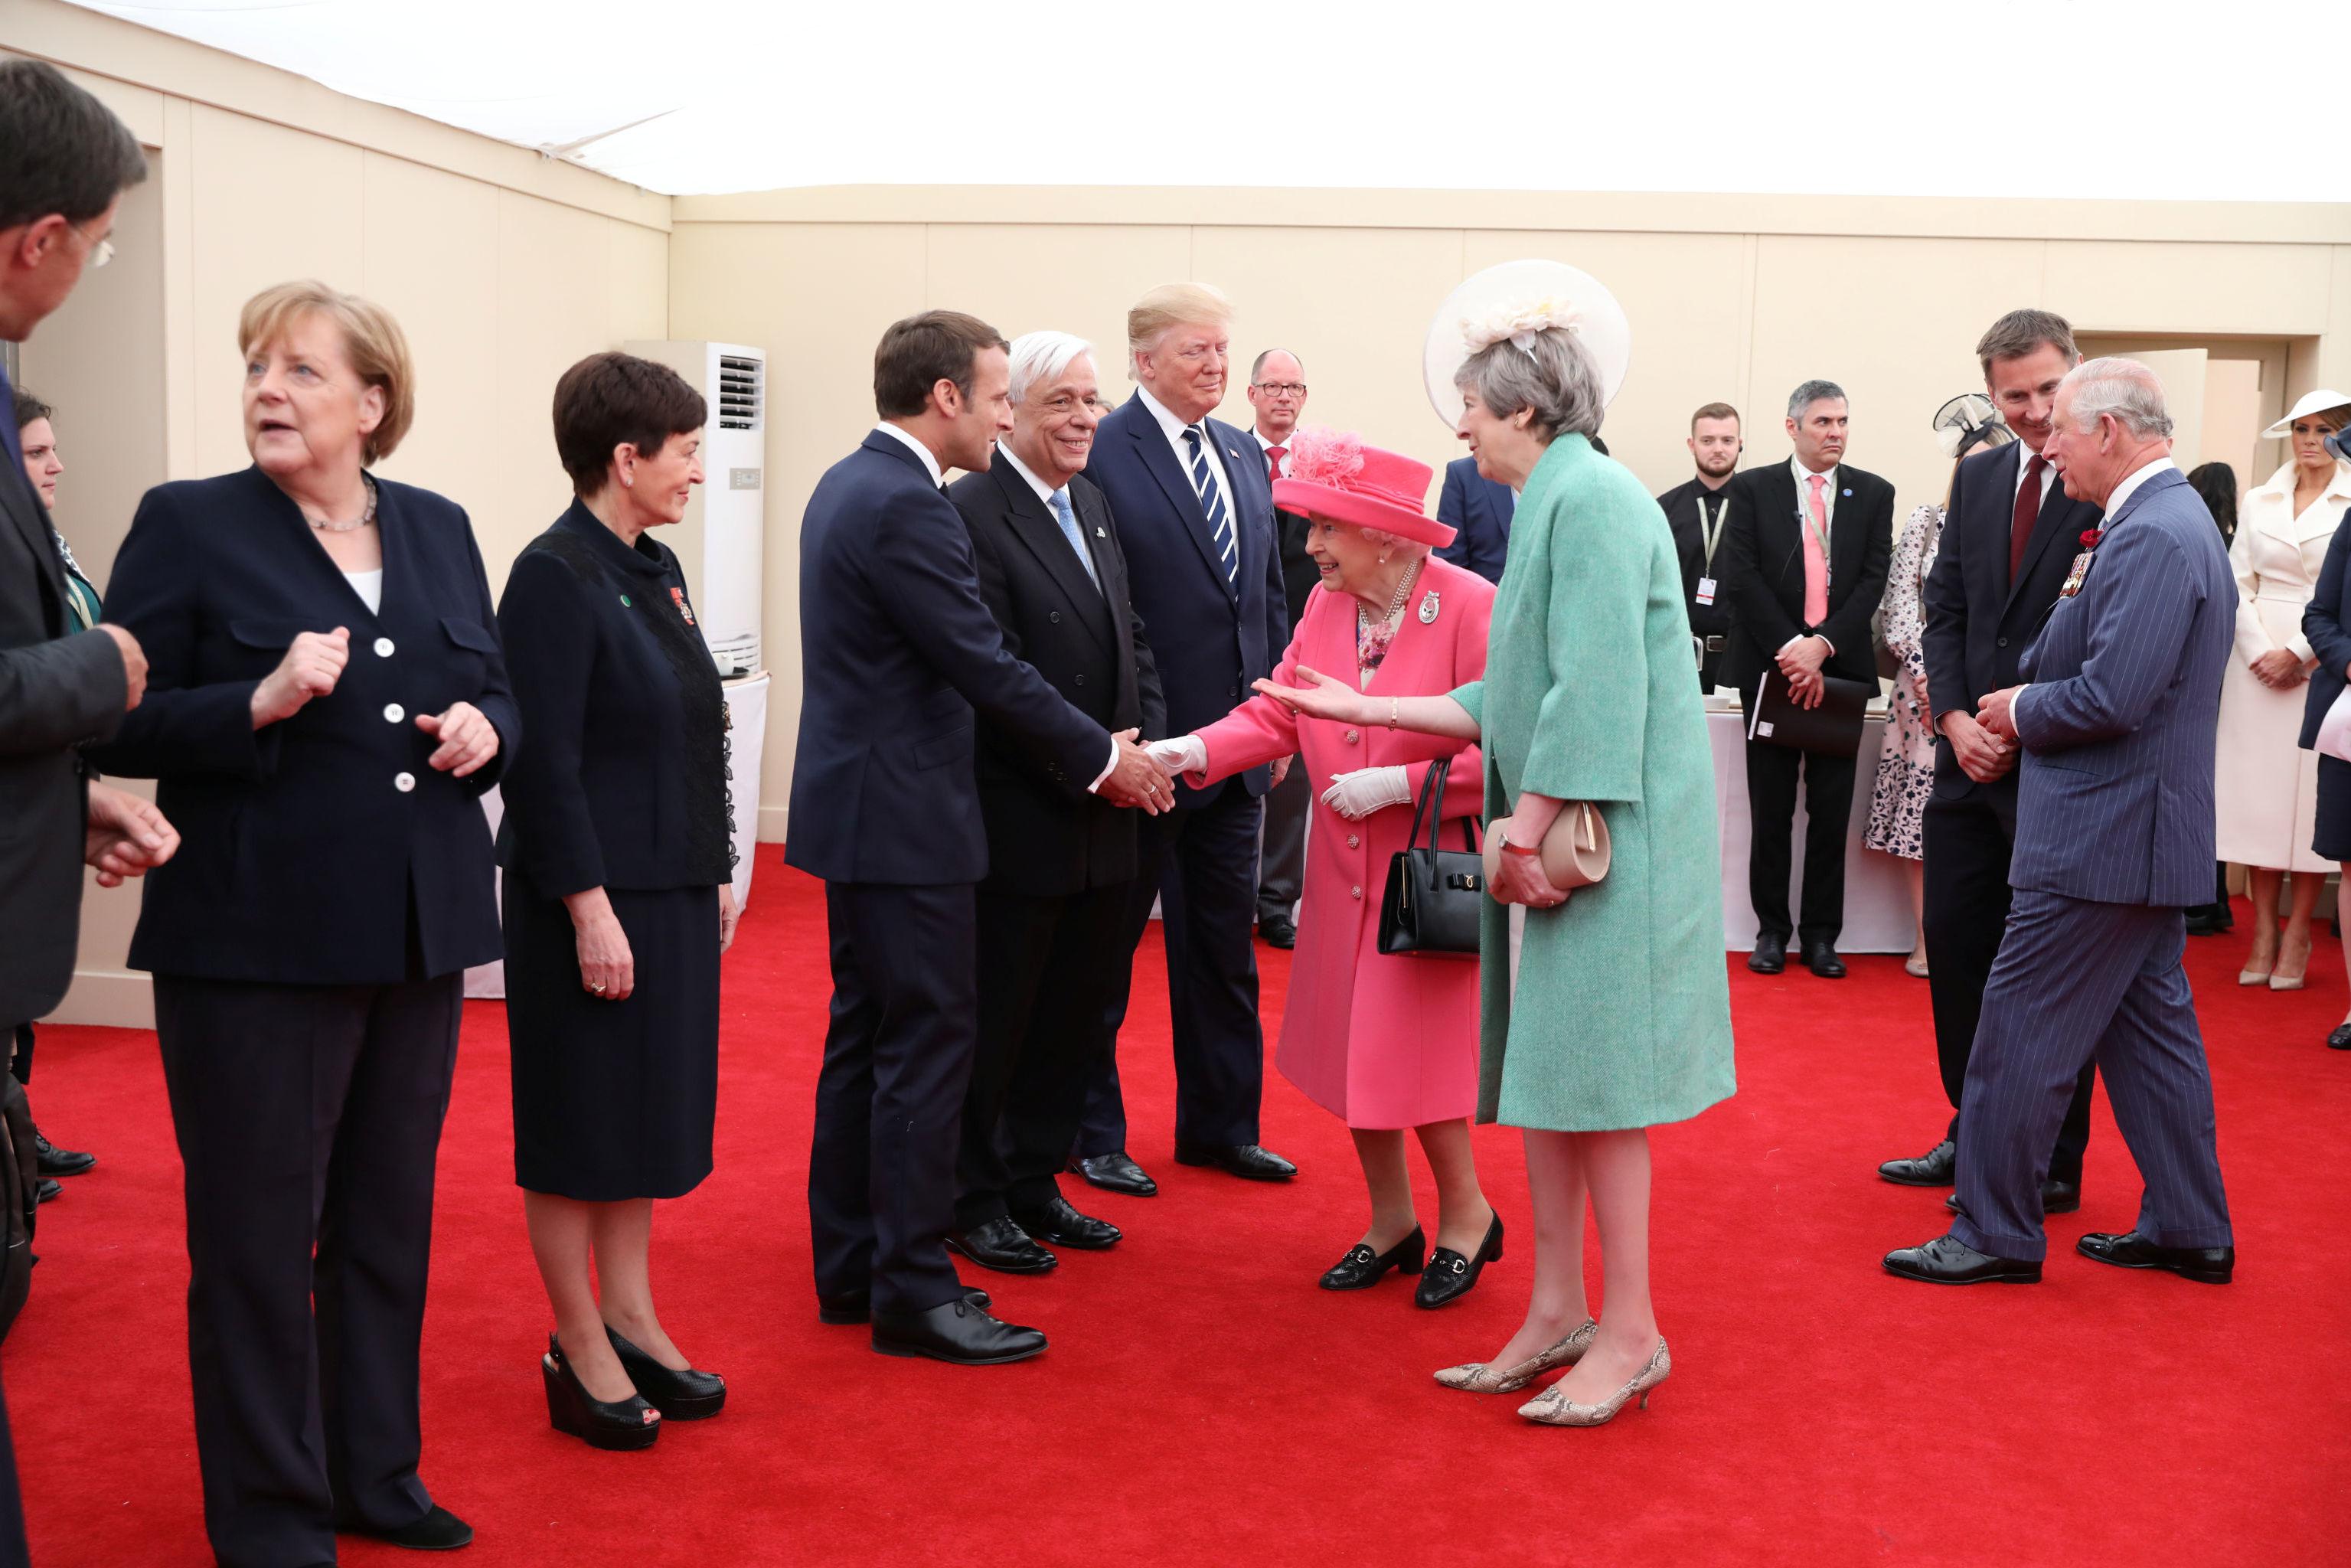 La reina Isabel y la primera ministra británica, Theresa May, saludan a los presidentes de Estados Unidos y Francia, Donald Trump y Emmanuel Macron